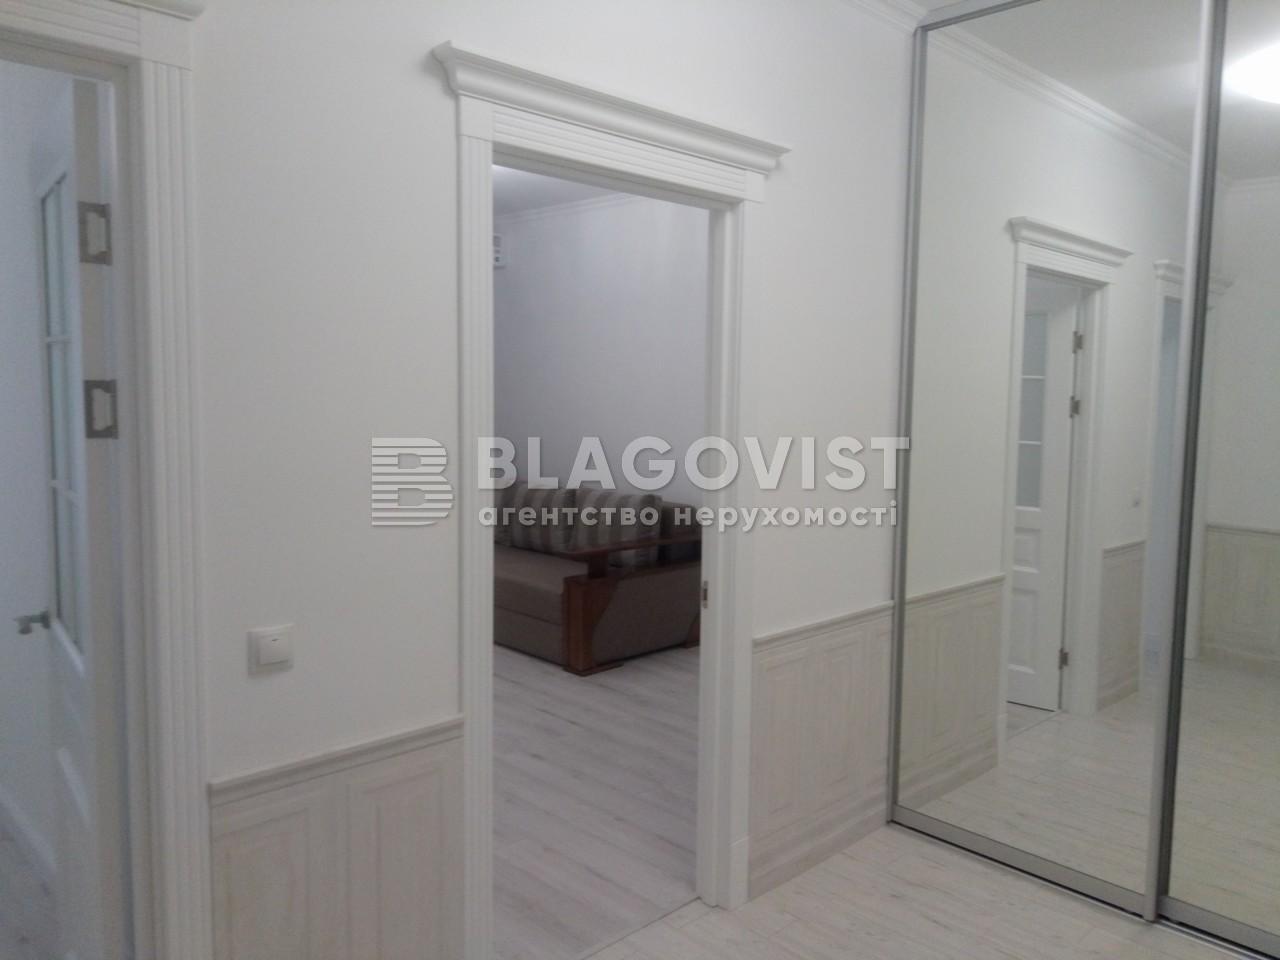 Квартира M-32330, Феодосийская, 2л, Киев - Фото 11